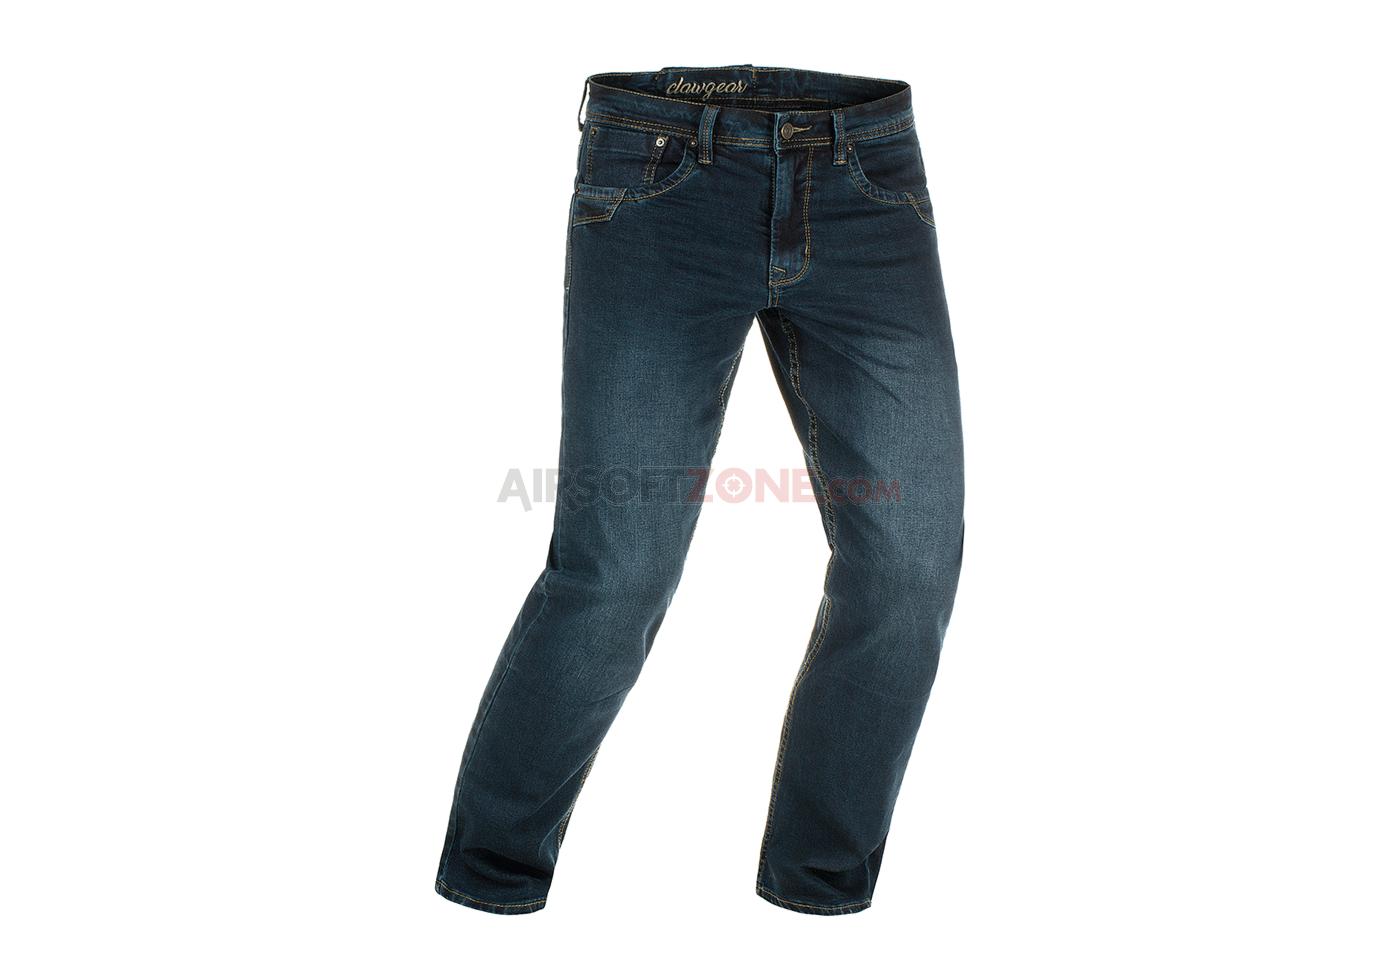 42326c56edc7 Blue Denim Tactical Flex Jeans Midnight Washed (Clawgear) 34/32 ...